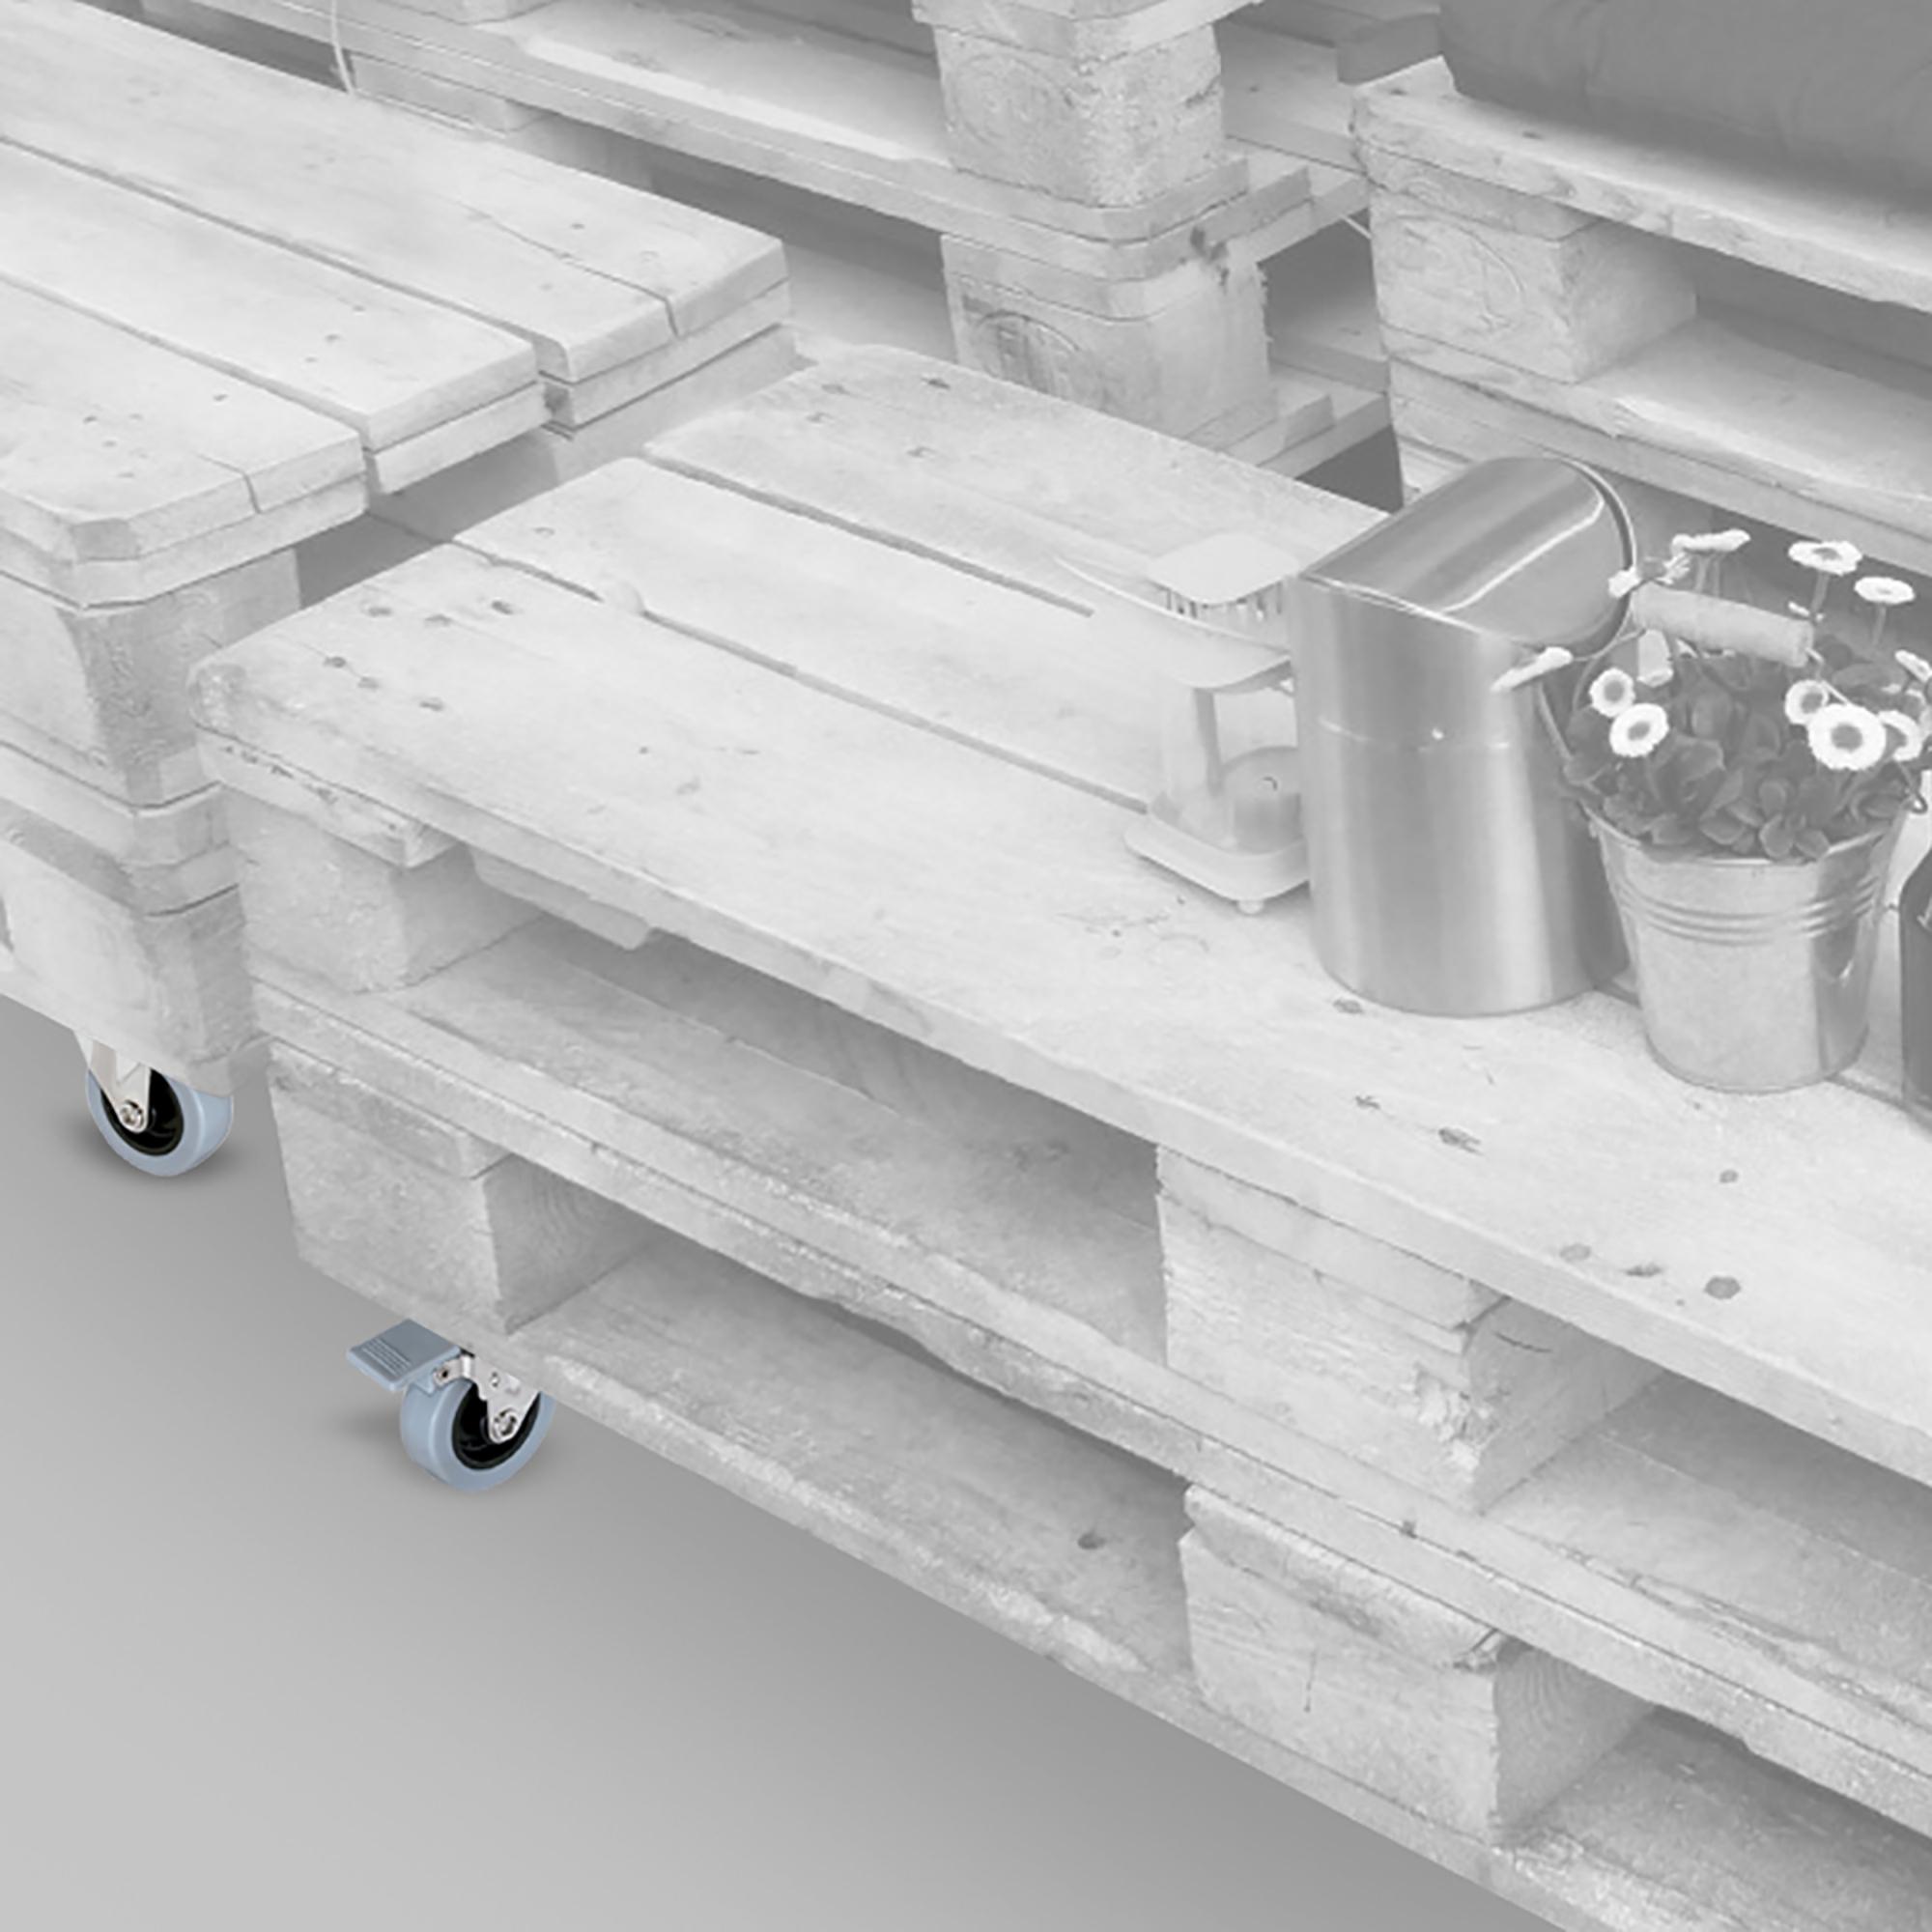 Emuca Ruote con piastra per montaggio, D. 75 mm, Acciaio e plastica, Grigio, 4 u.